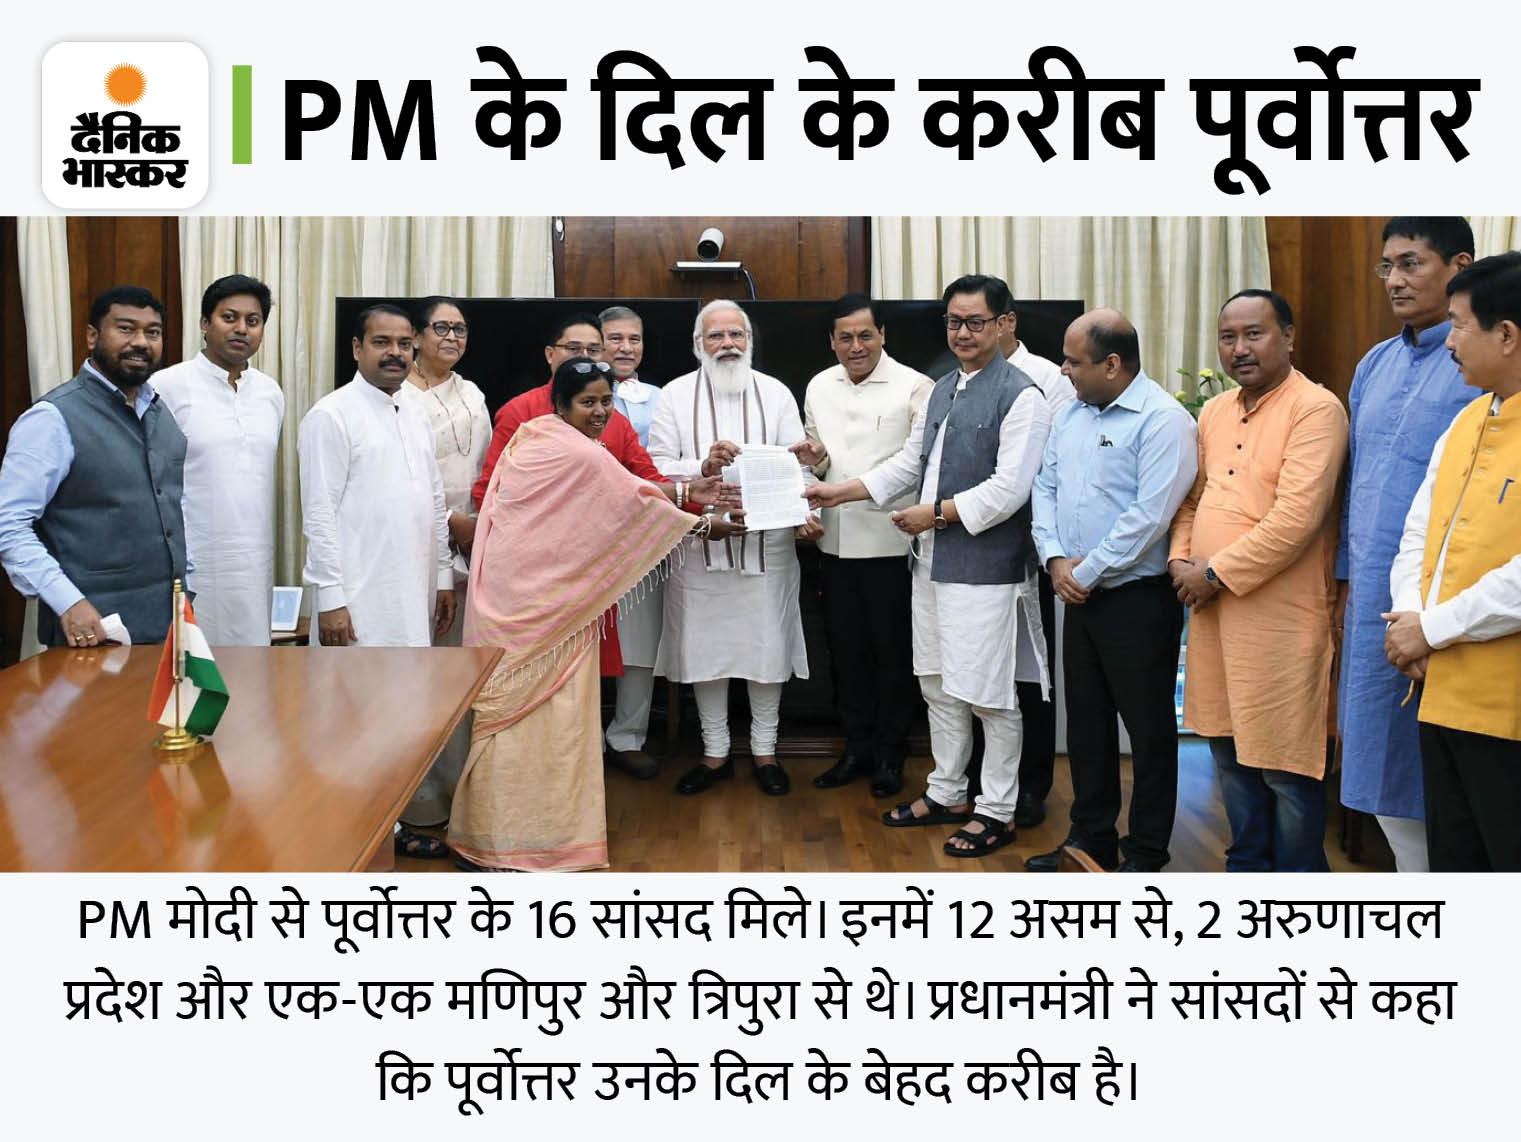 PM मोदी से मिले नॉर्थ-ईस्ट के BJP सांसद, कहा- पूर्वोत्तर को हिंसा के आग में झोंकना चाहती है कांग्रेस, विदेशी ताकतें भी उकसा रहीं|देश,National - Dainik Bhaskar